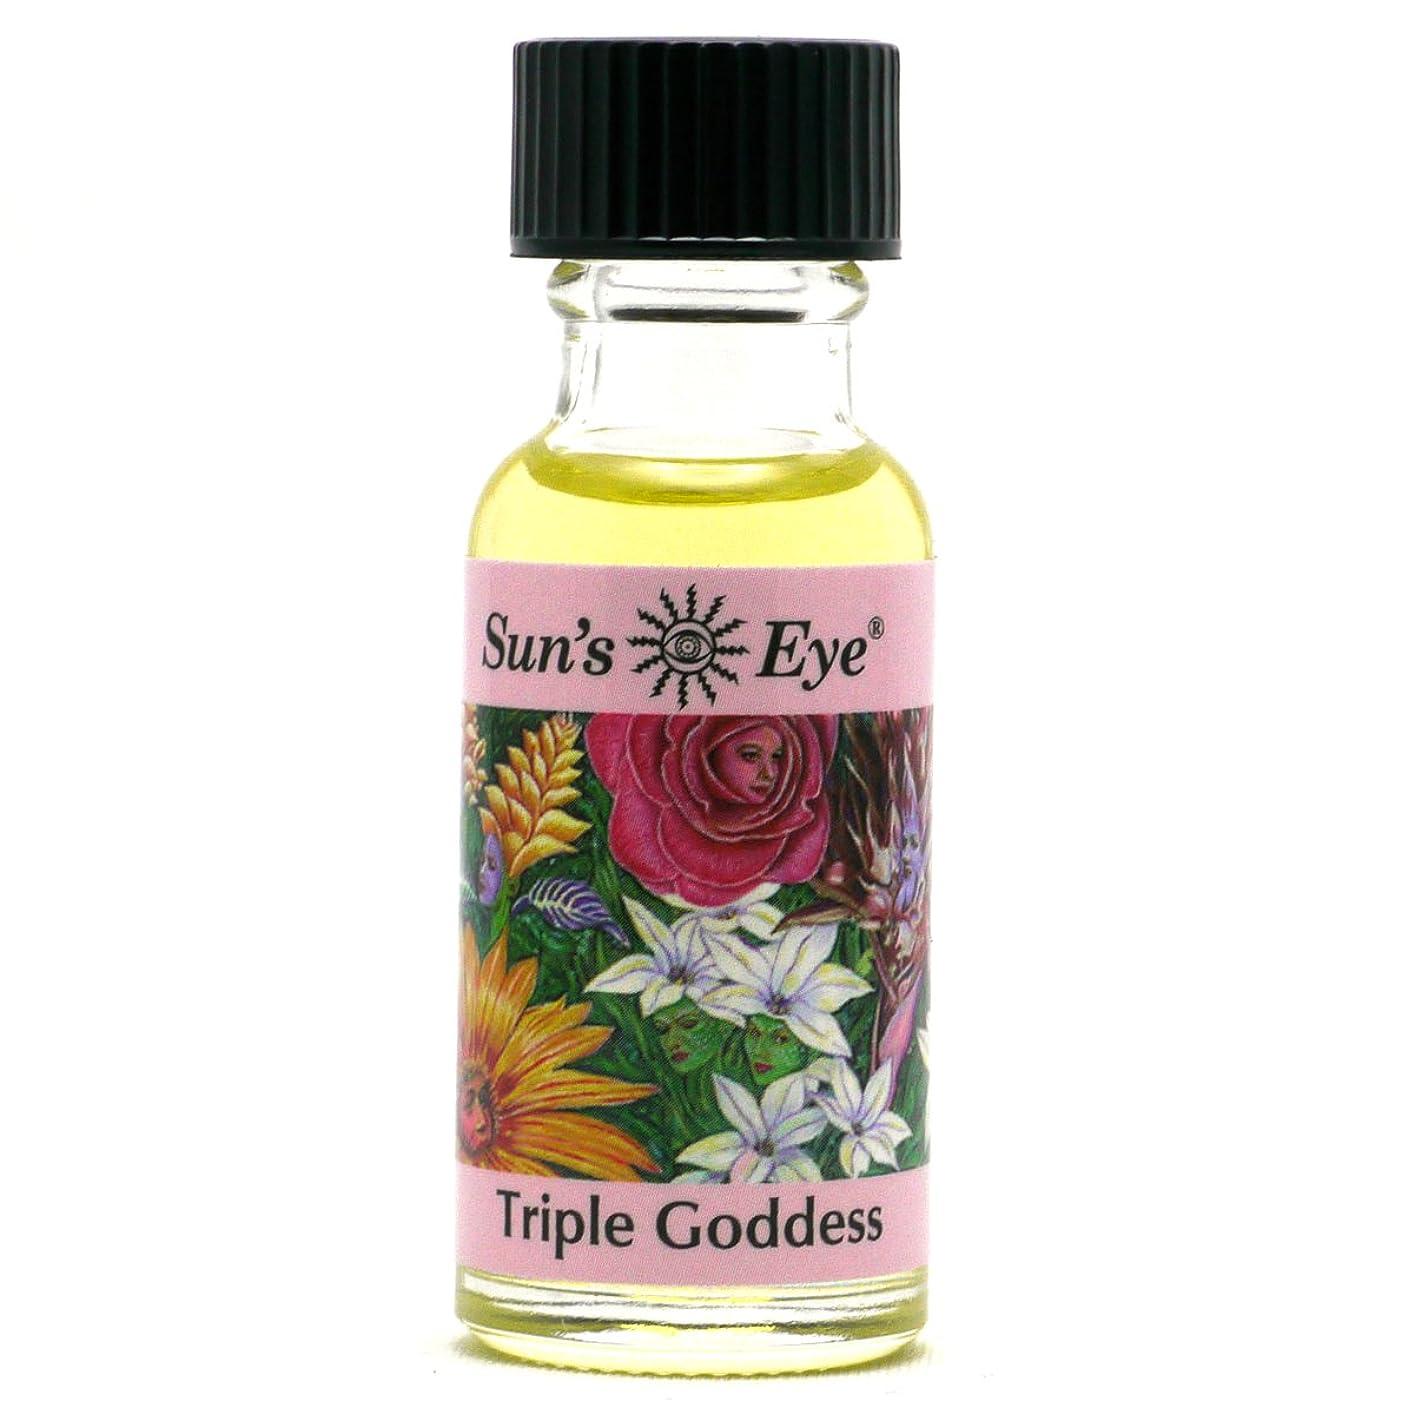 近似小石運河【Sun'sEye】Specialty Oils(スペシャリティオイル)Triple Goddess Oil(トリプルゴッデス)